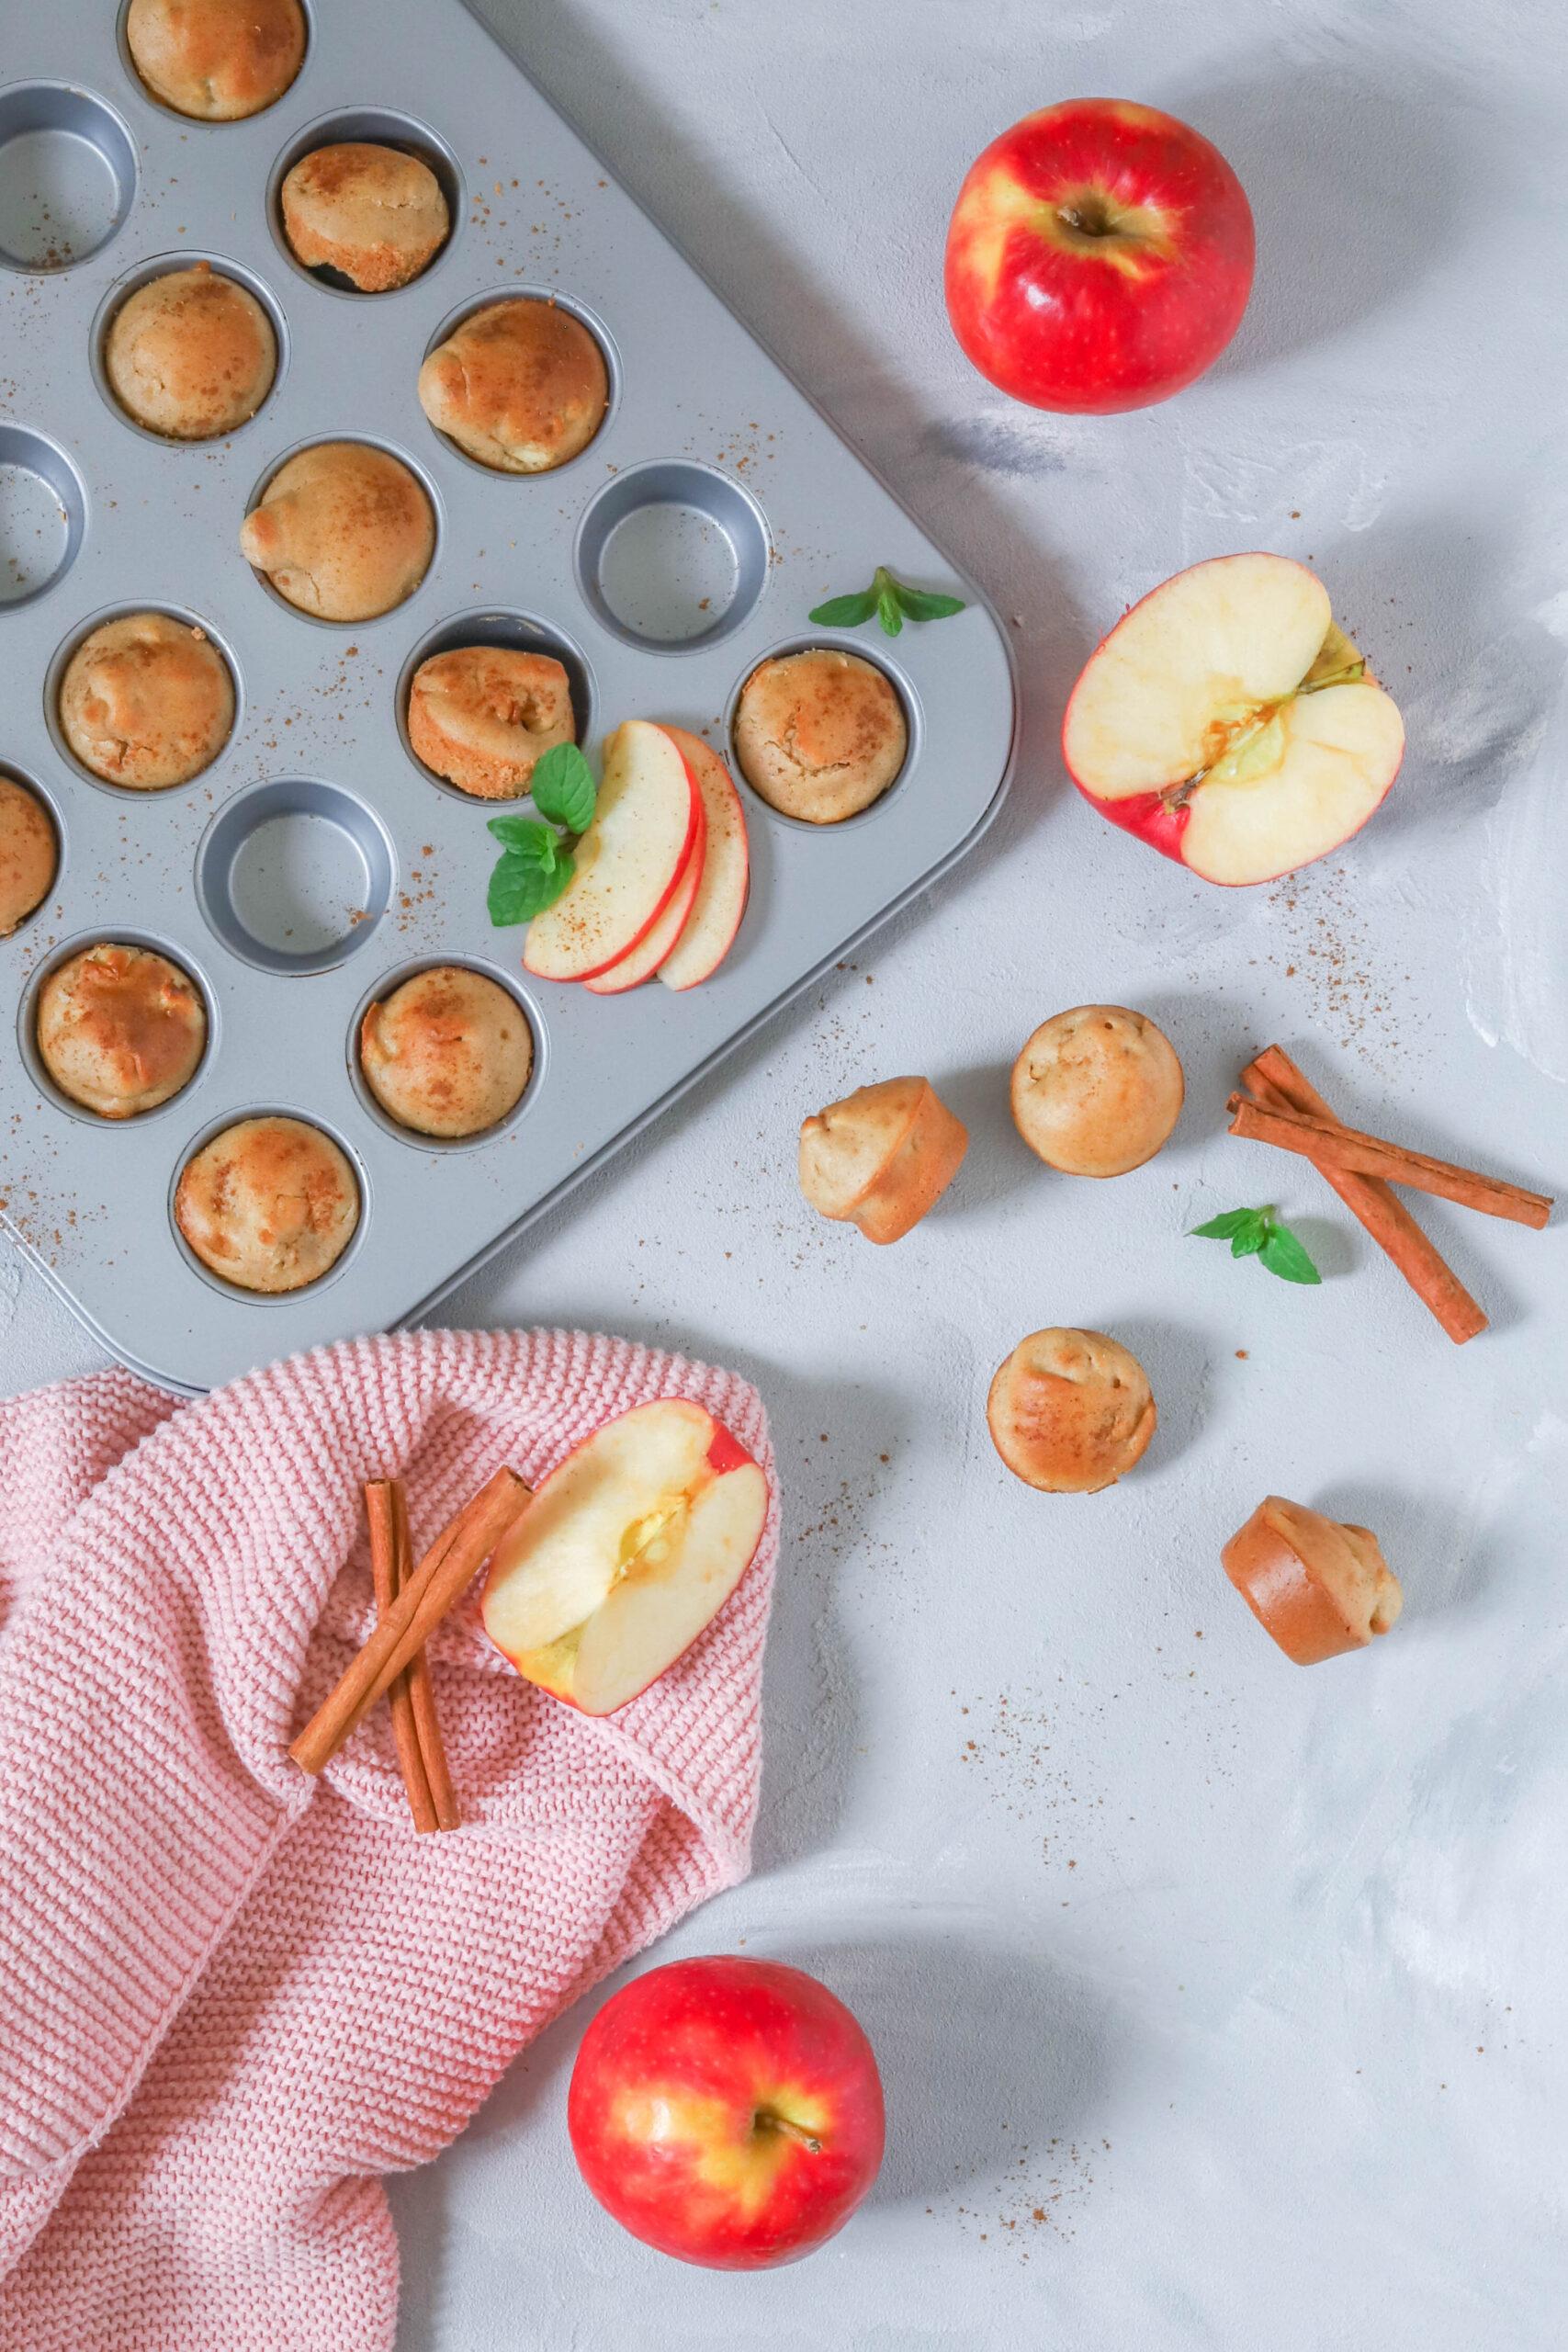 Lecker & schnell zubereitet: Mini Muffins mit Apfel & Zimt.